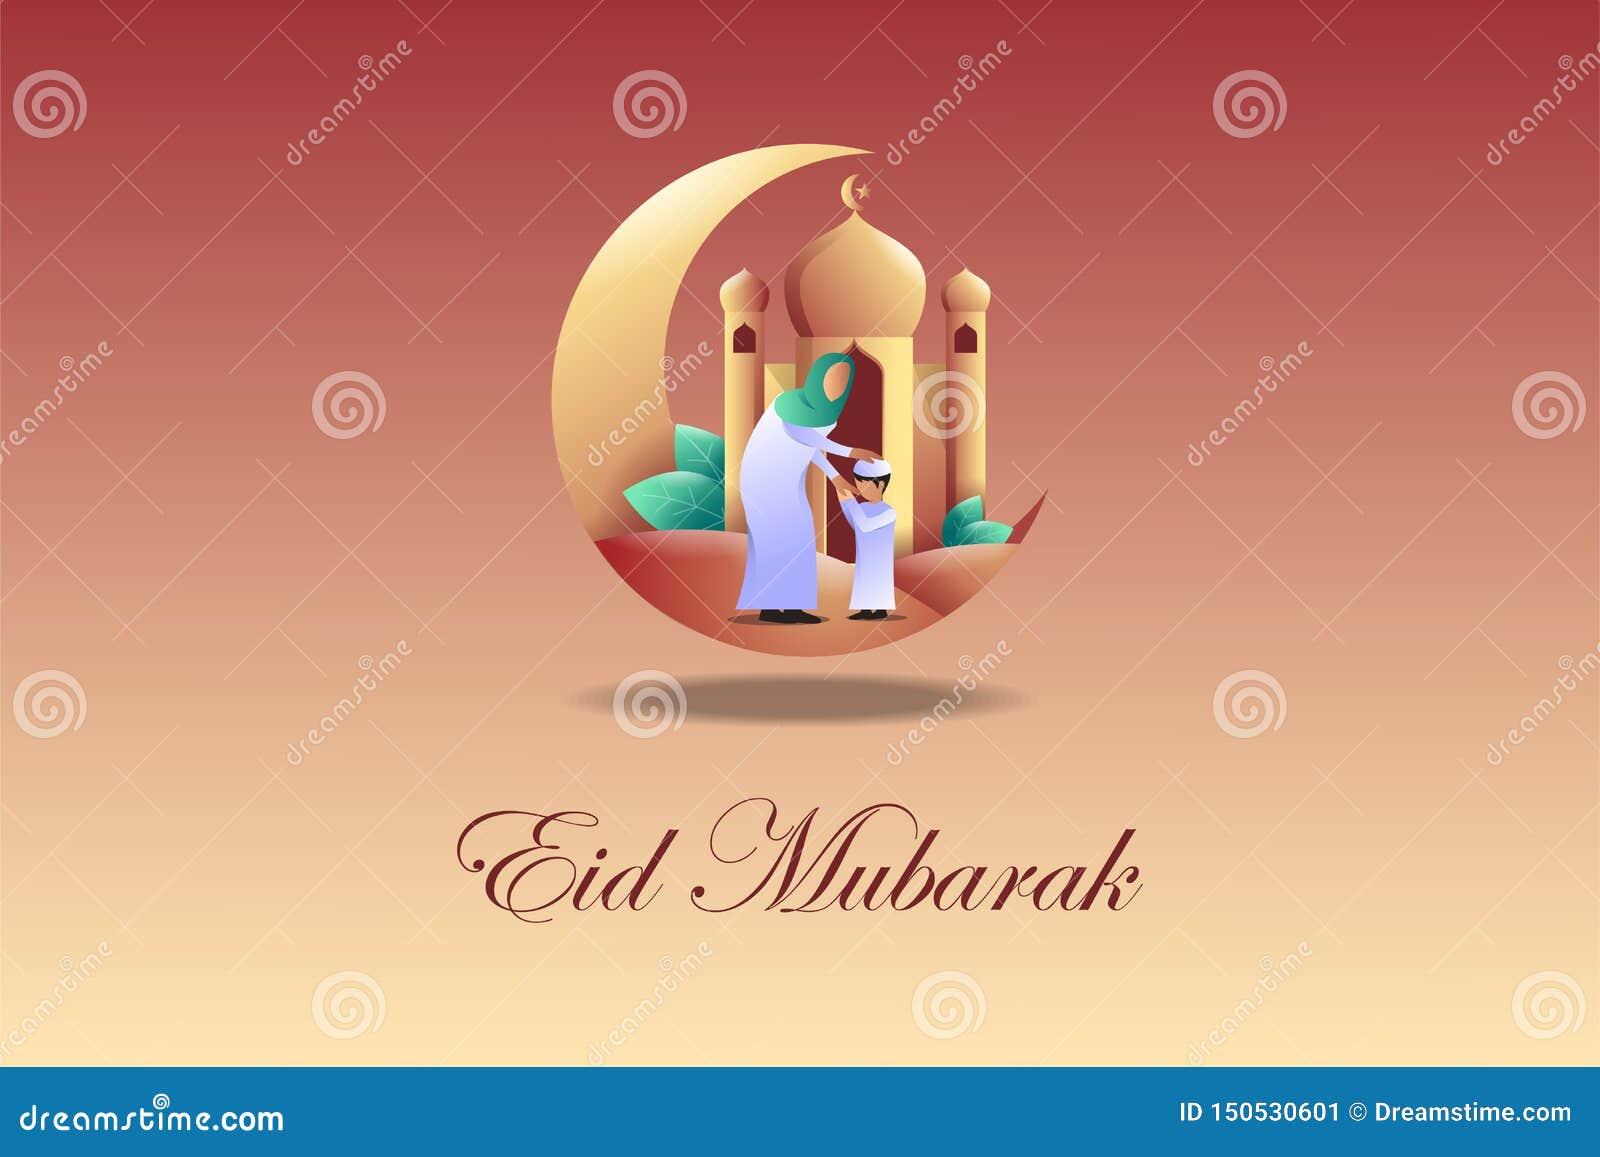 Απεικόνιση εορτασμού ημέρας του Μουμπάρακ Eid